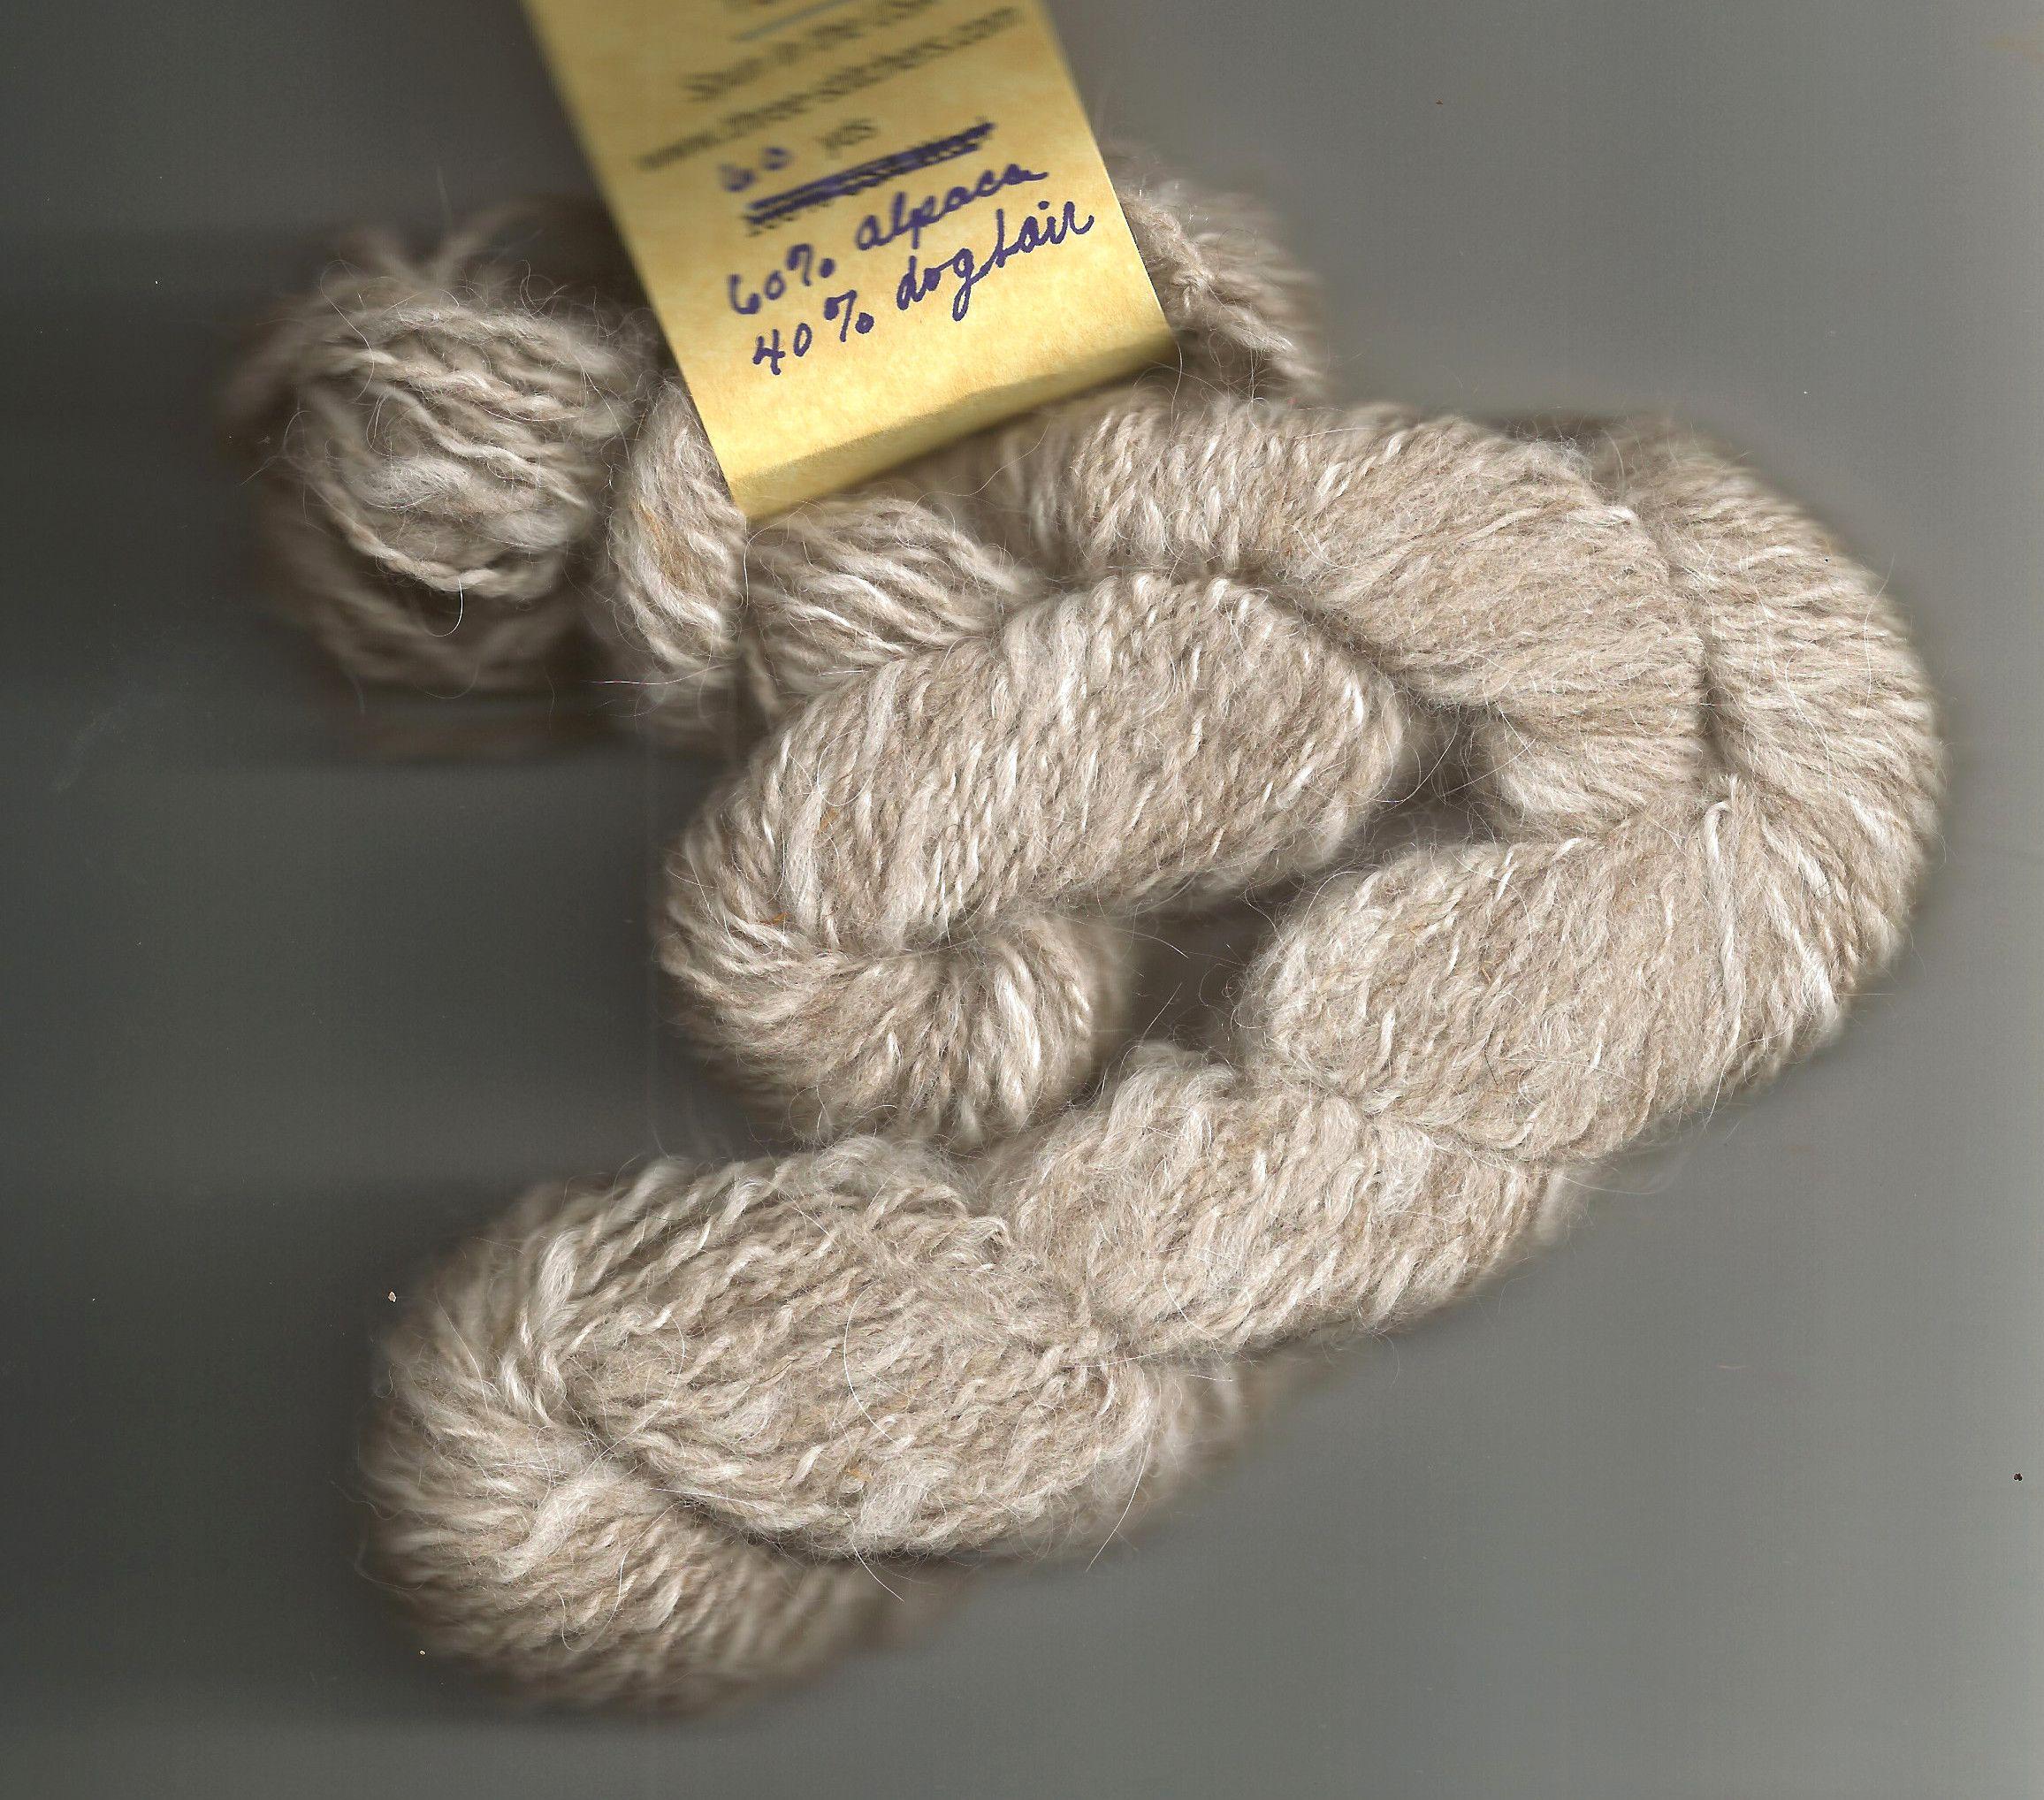 50 Yards Hand Spun Wstd Wt Alpaca Yarn 2 Knit Weave OOAK Navy Blue